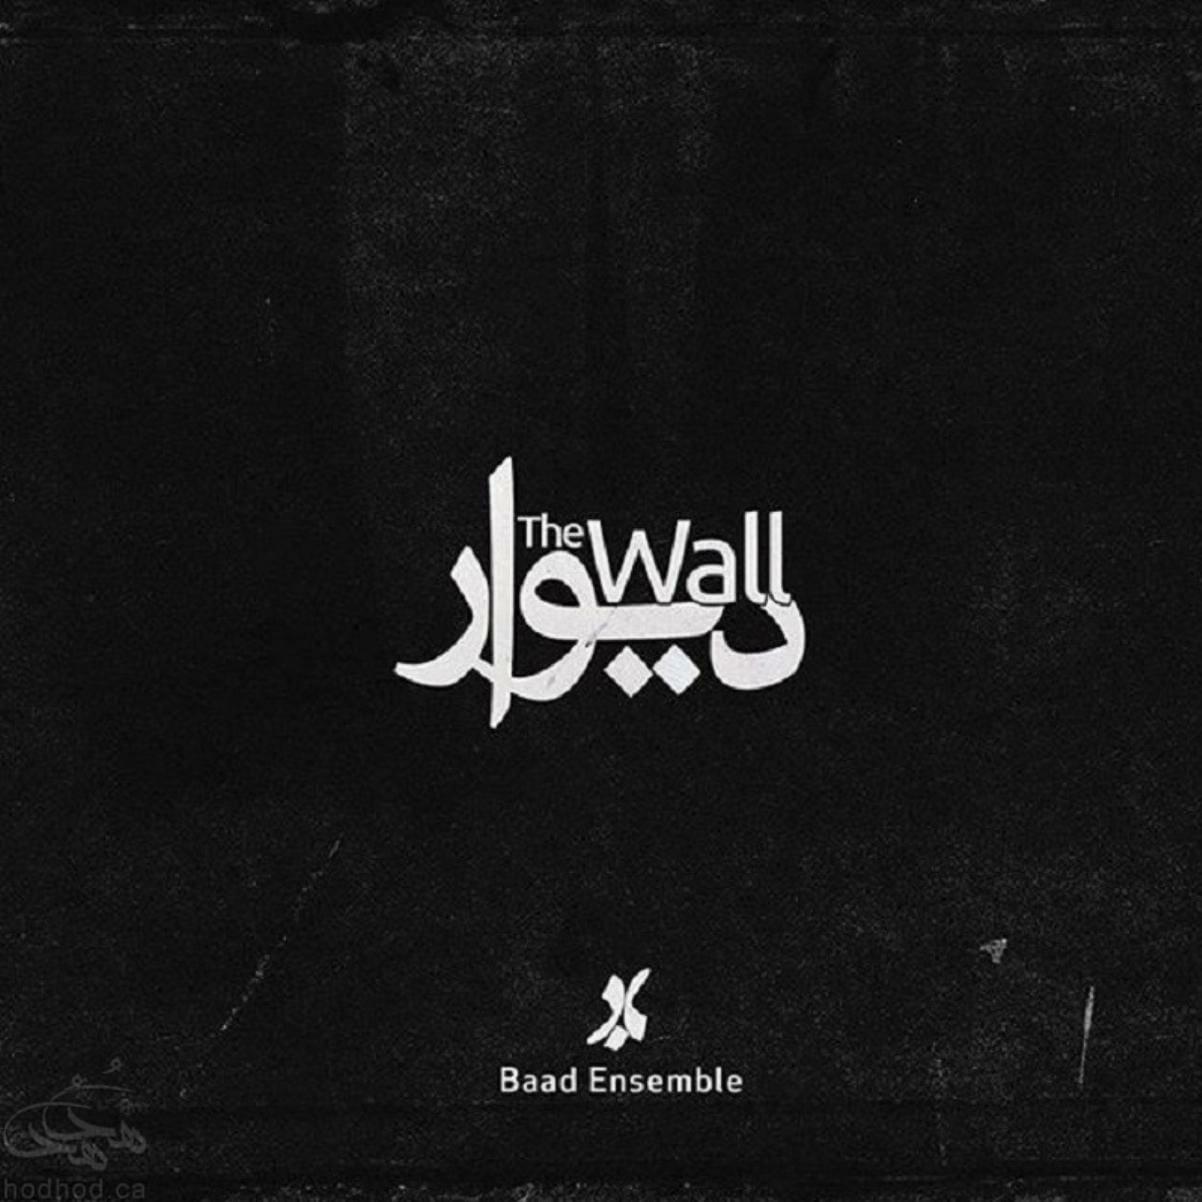 موسیقی تلفیقی گروه باد و تاثیر آثار آن بر آشتی شنوندگان ایرانی با موسیقی سنتی